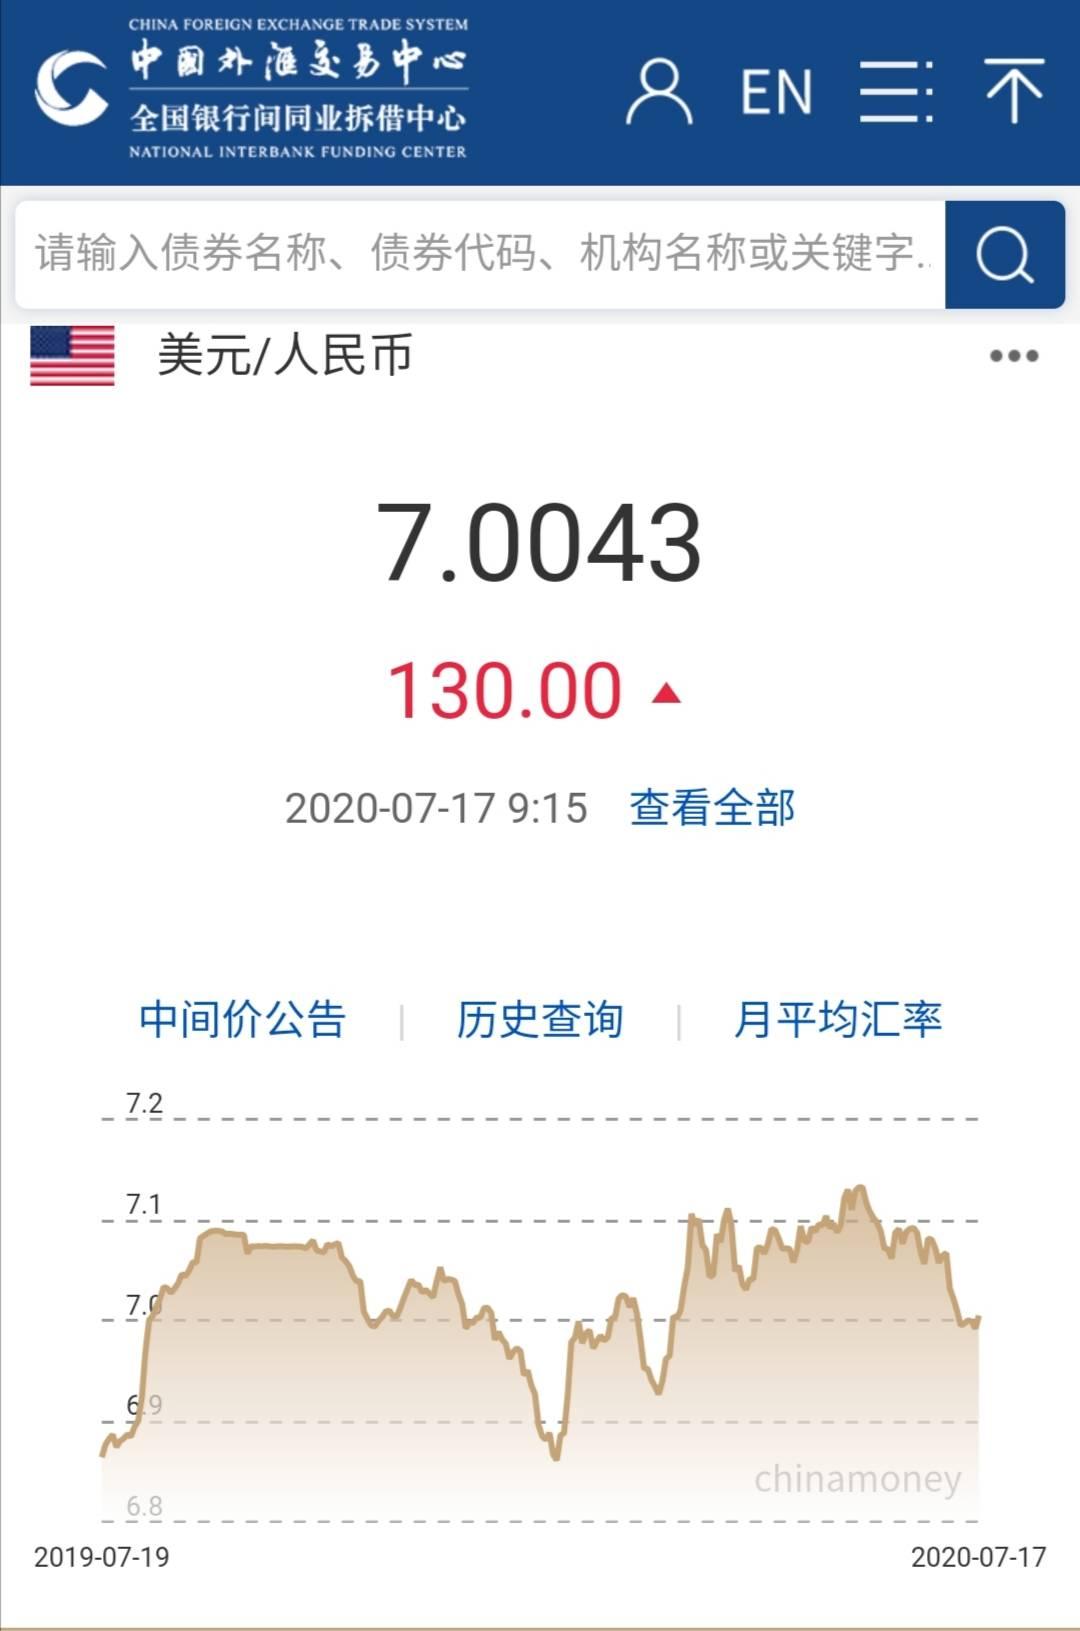 人民币对美元汇率中间价重回7时代 较上一交易日下调130个基点